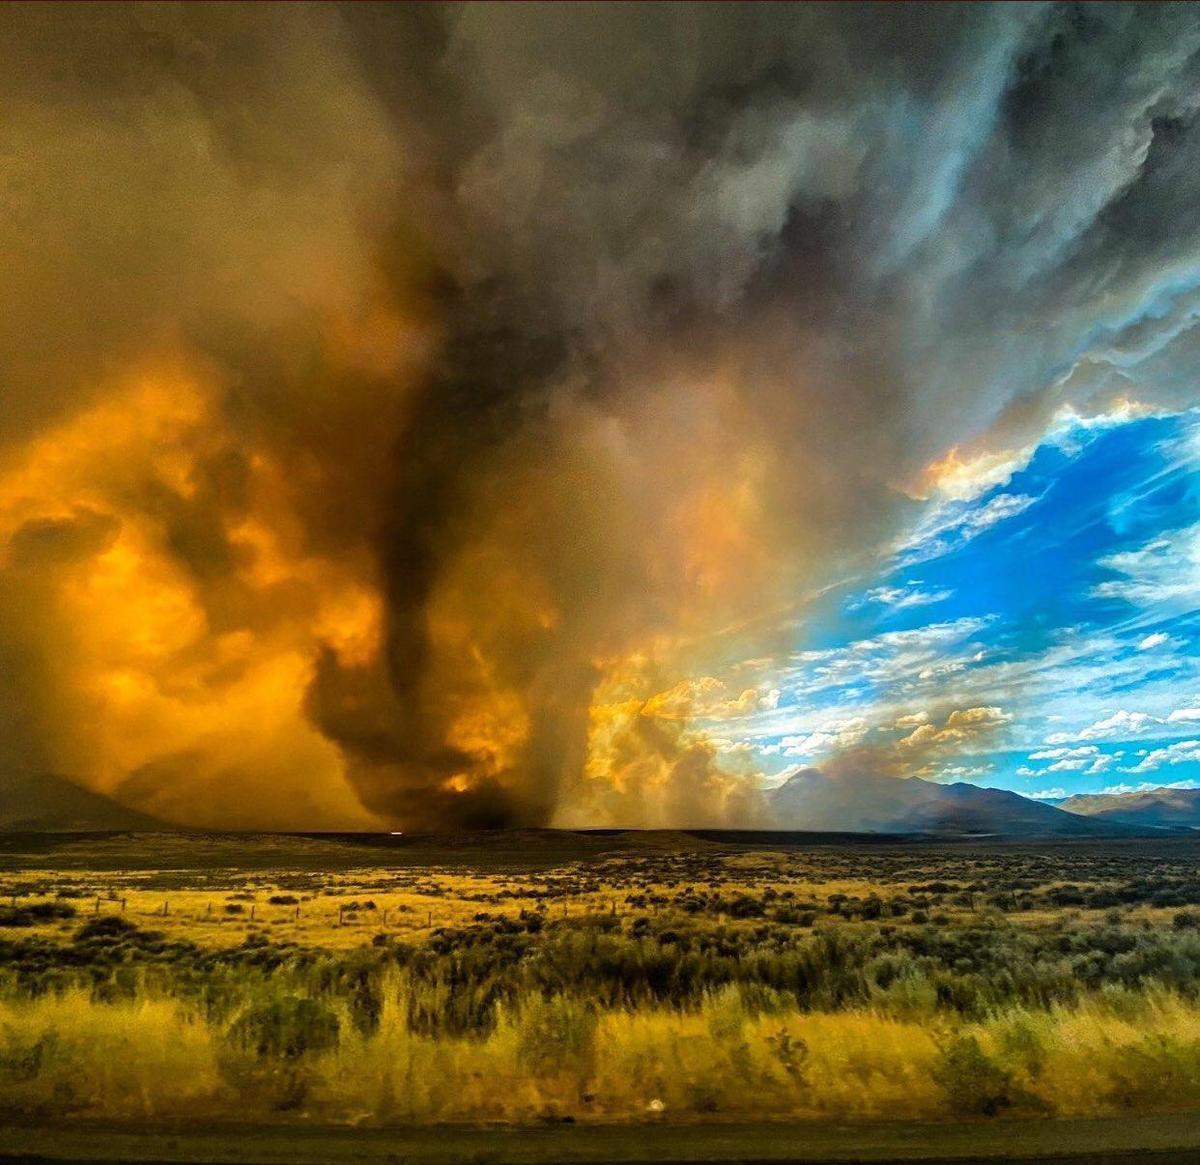 美國加州於15日發生罕見的火龍捲現象。(翻攝自推特)